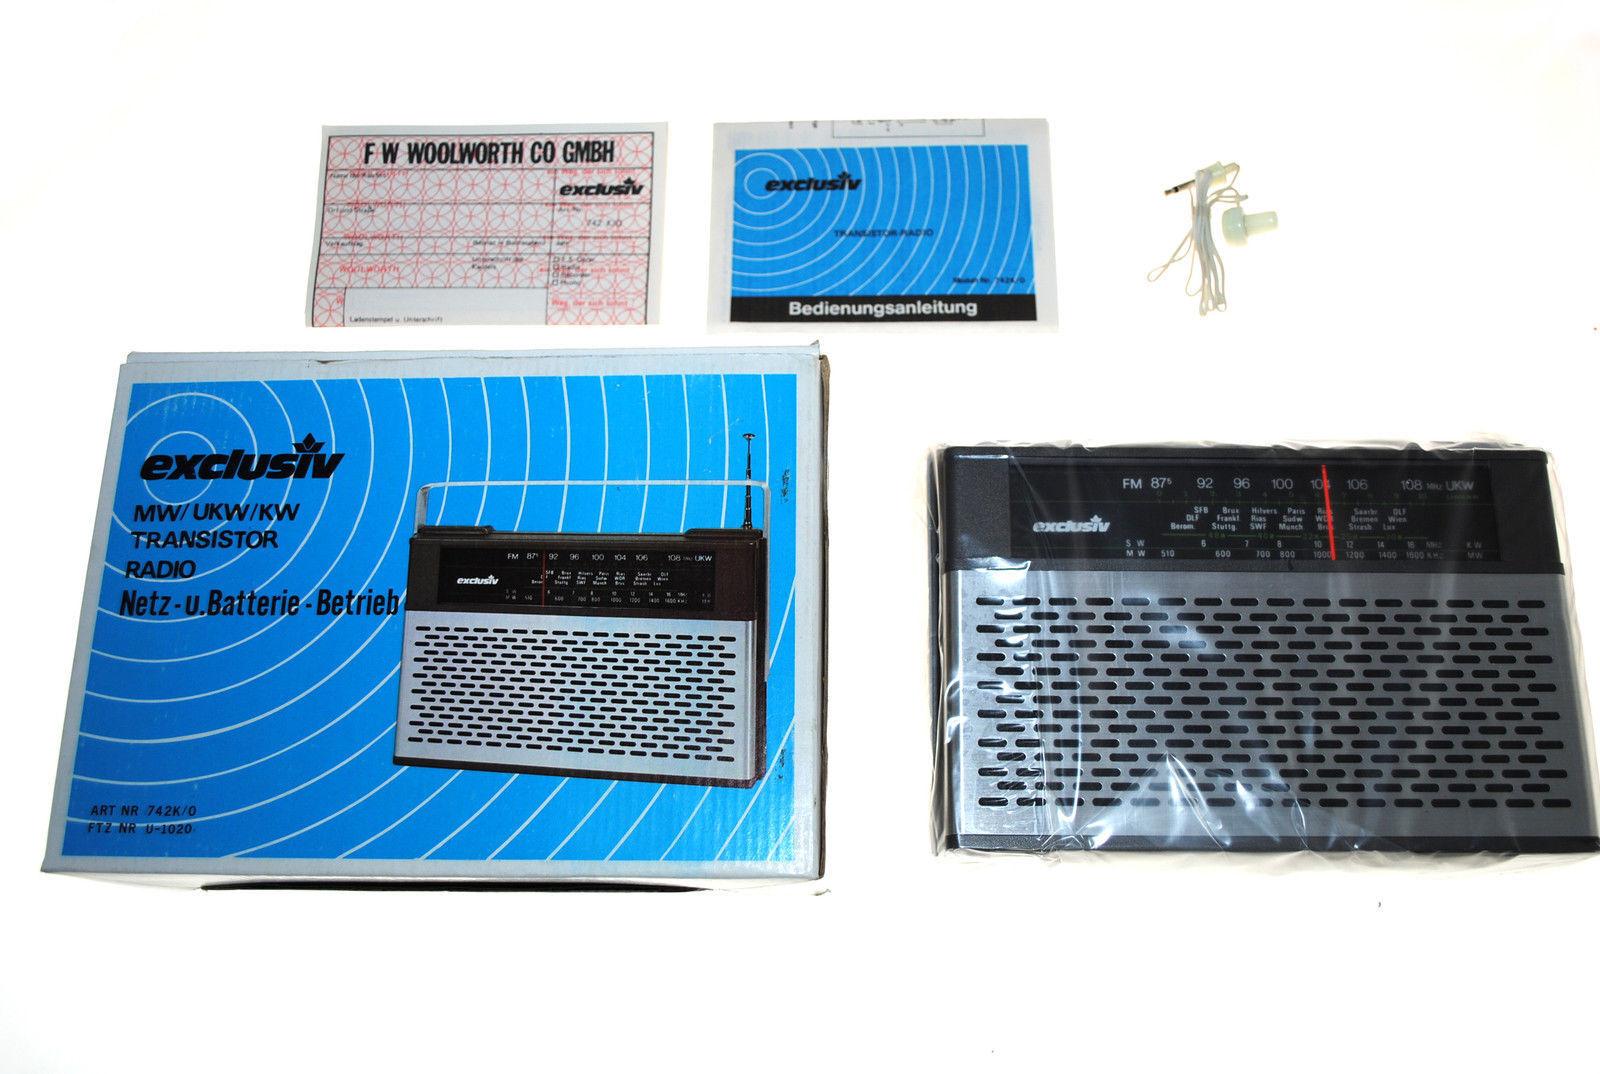 EXCLUSIV 742K/0 Transistorradio Radiogerät Rundfunkempfänger unbenutzt!